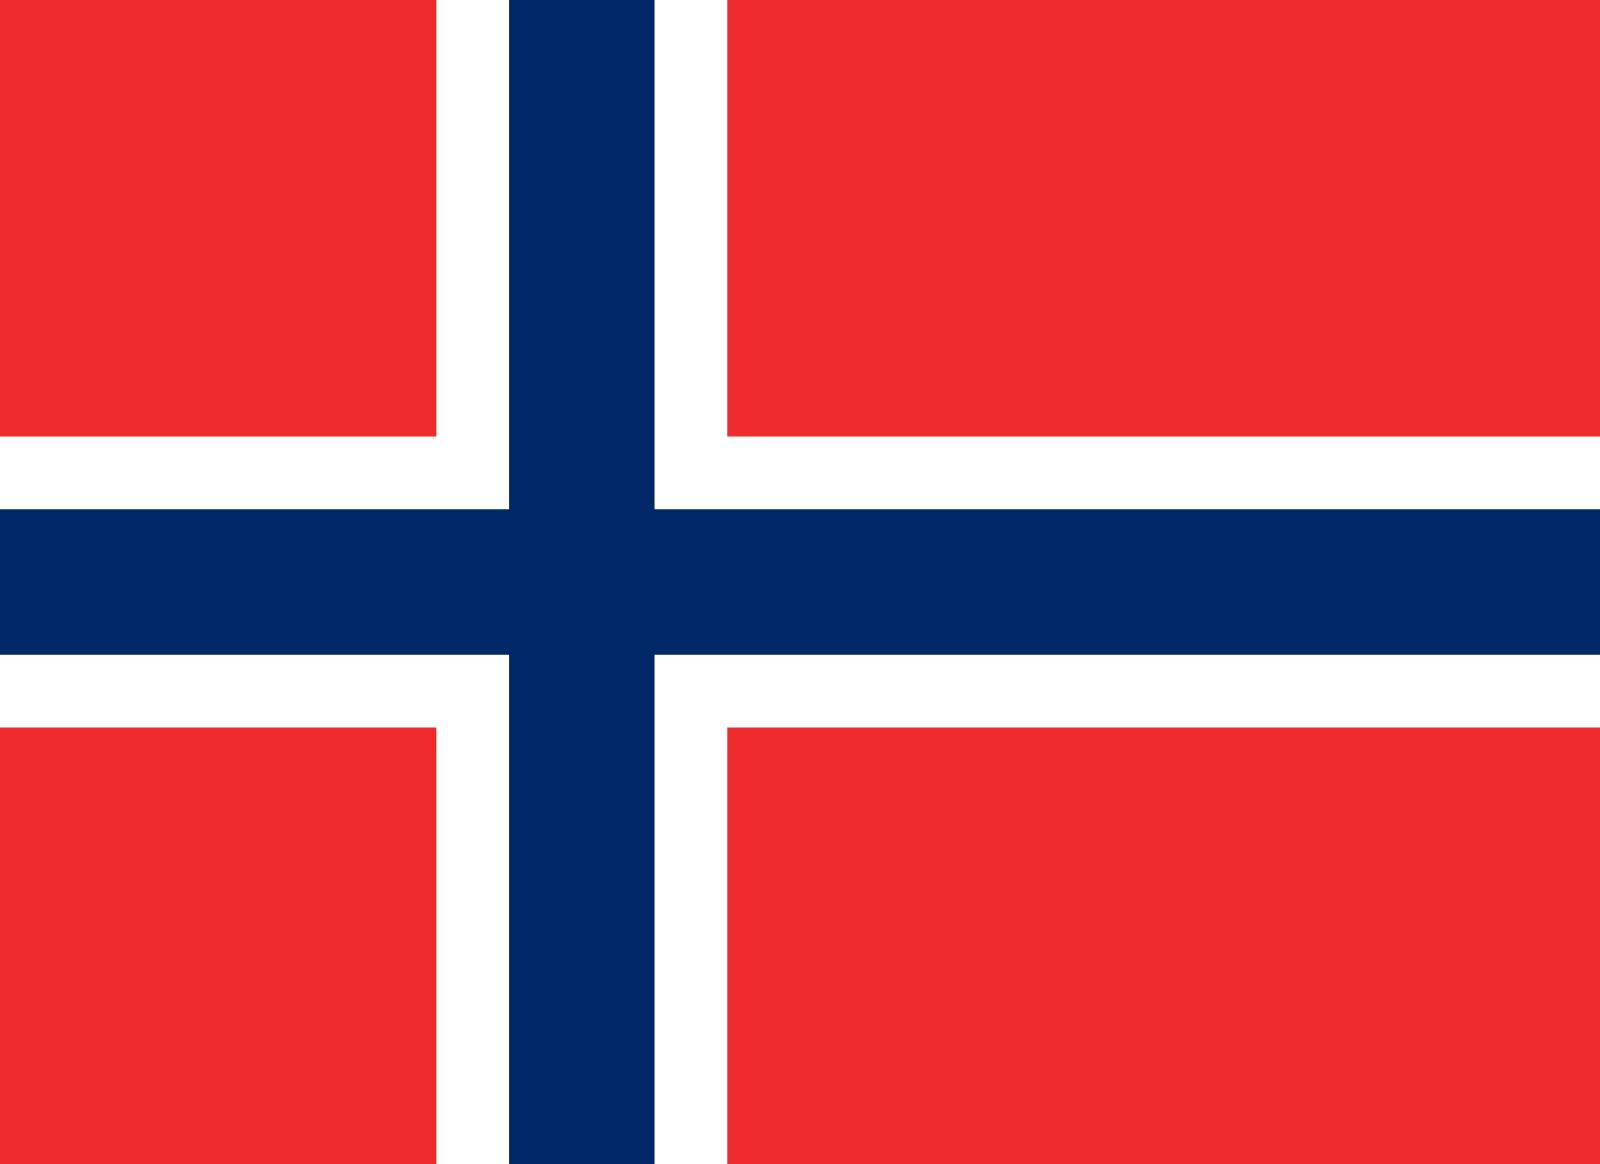 imagenes de banderas hd168 200 Imágenes de Banderas en HD (Wallpapers)